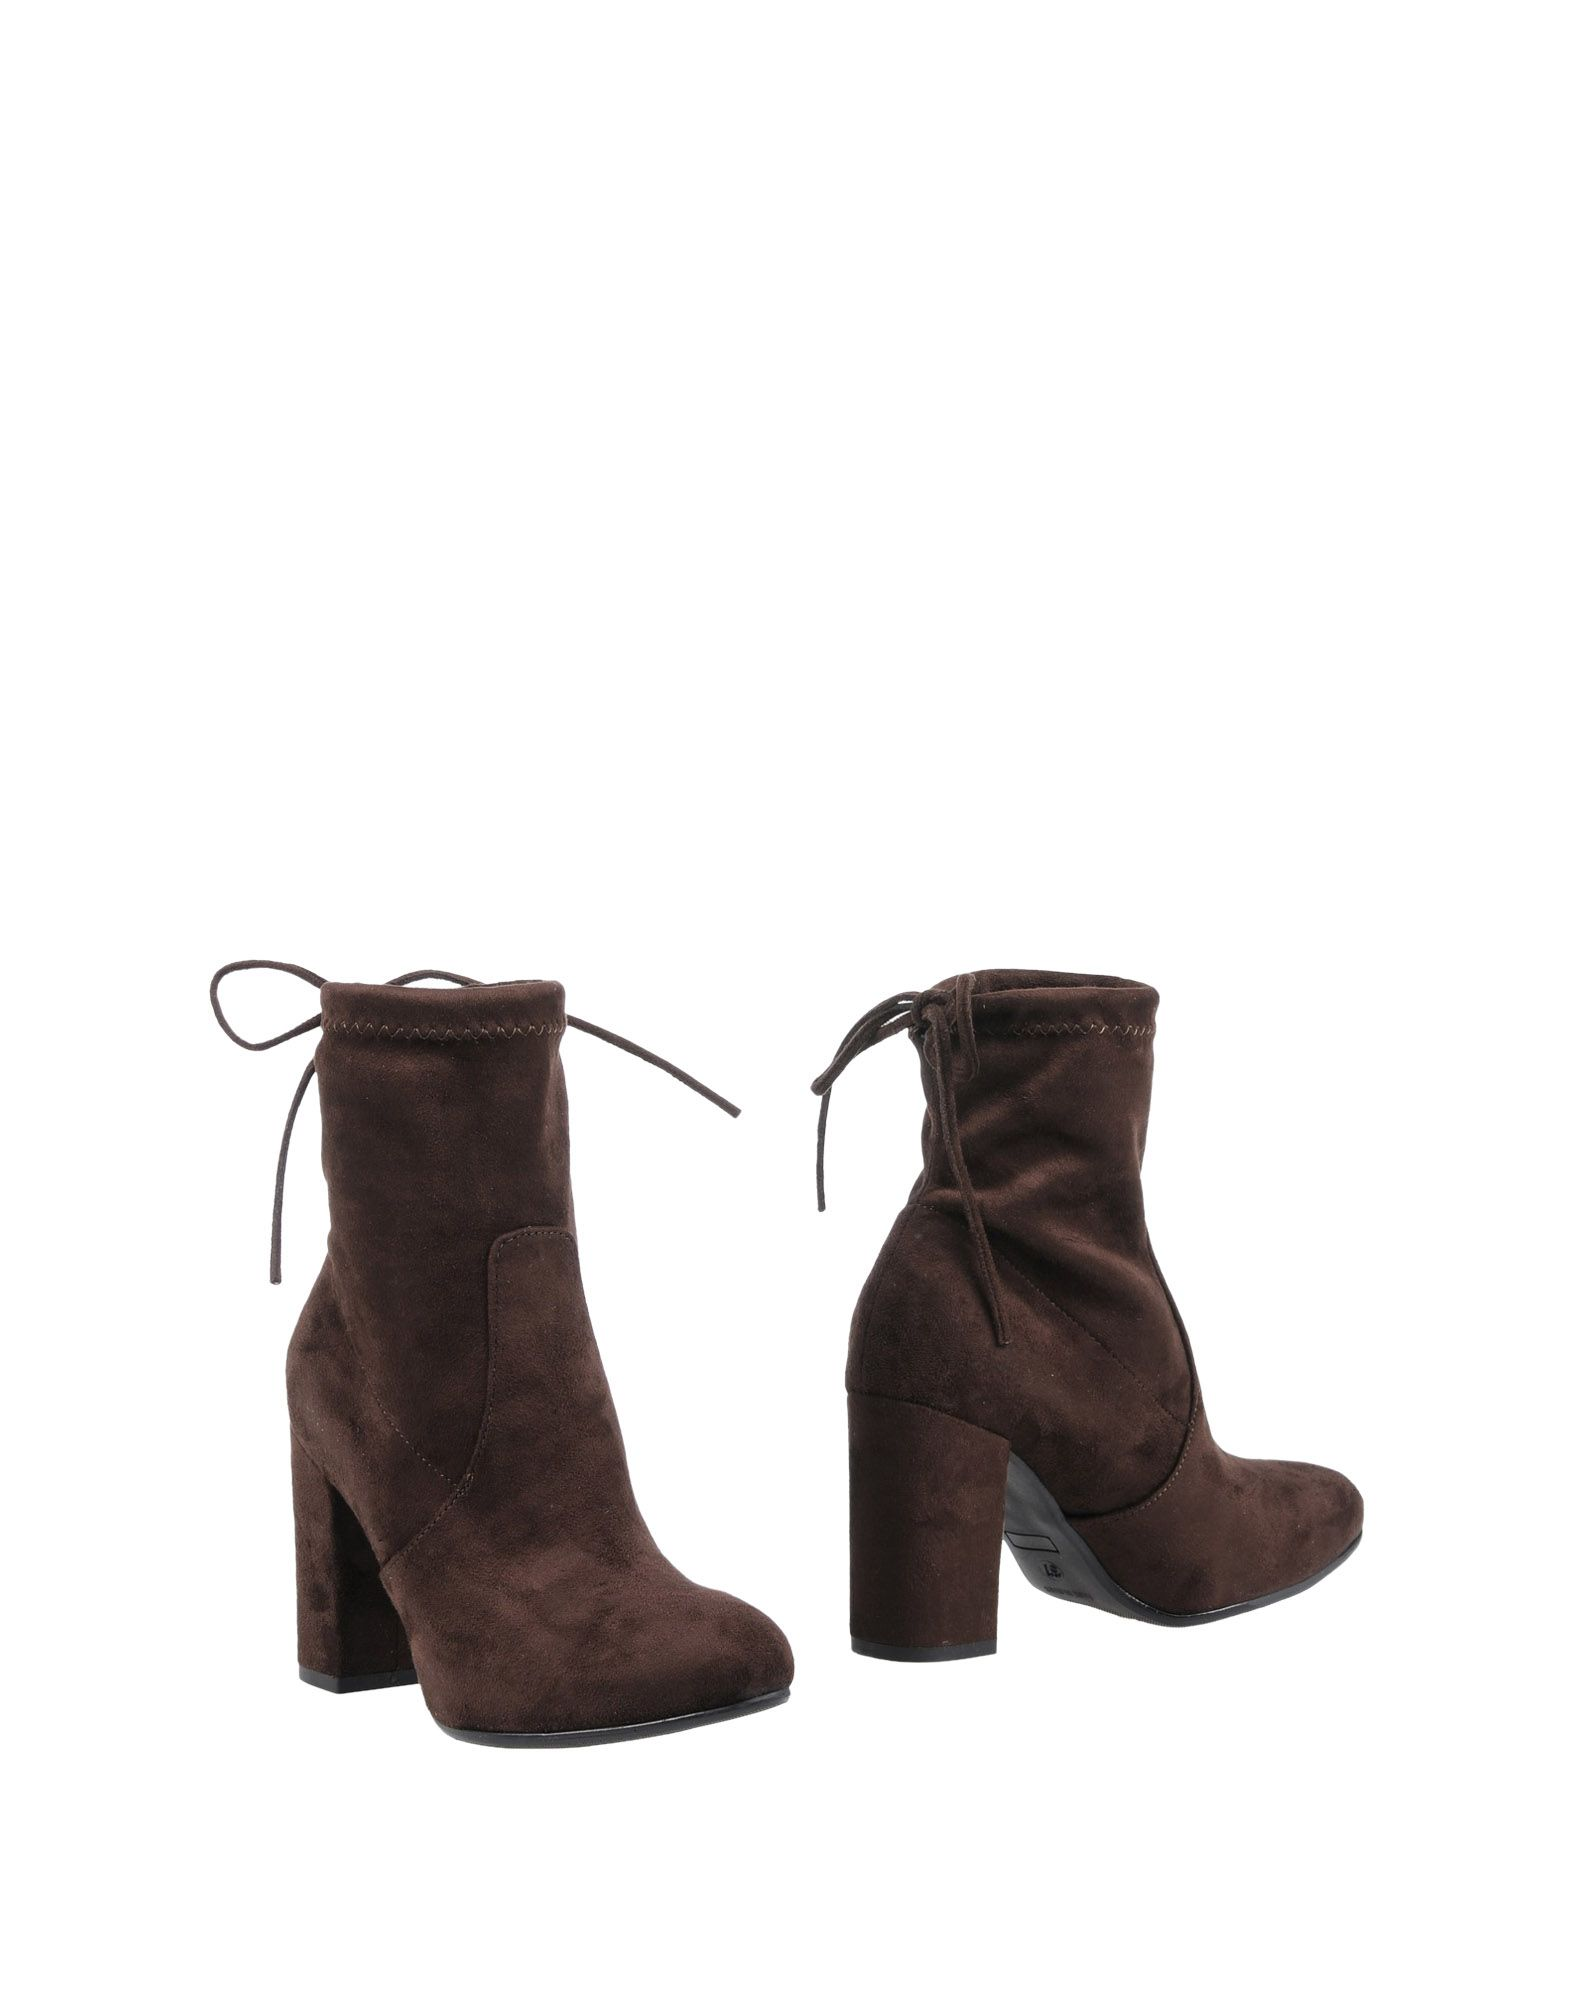 Le Stelle Stiefelette Damen  11450627AW Gute Qualität beliebte Schuhe